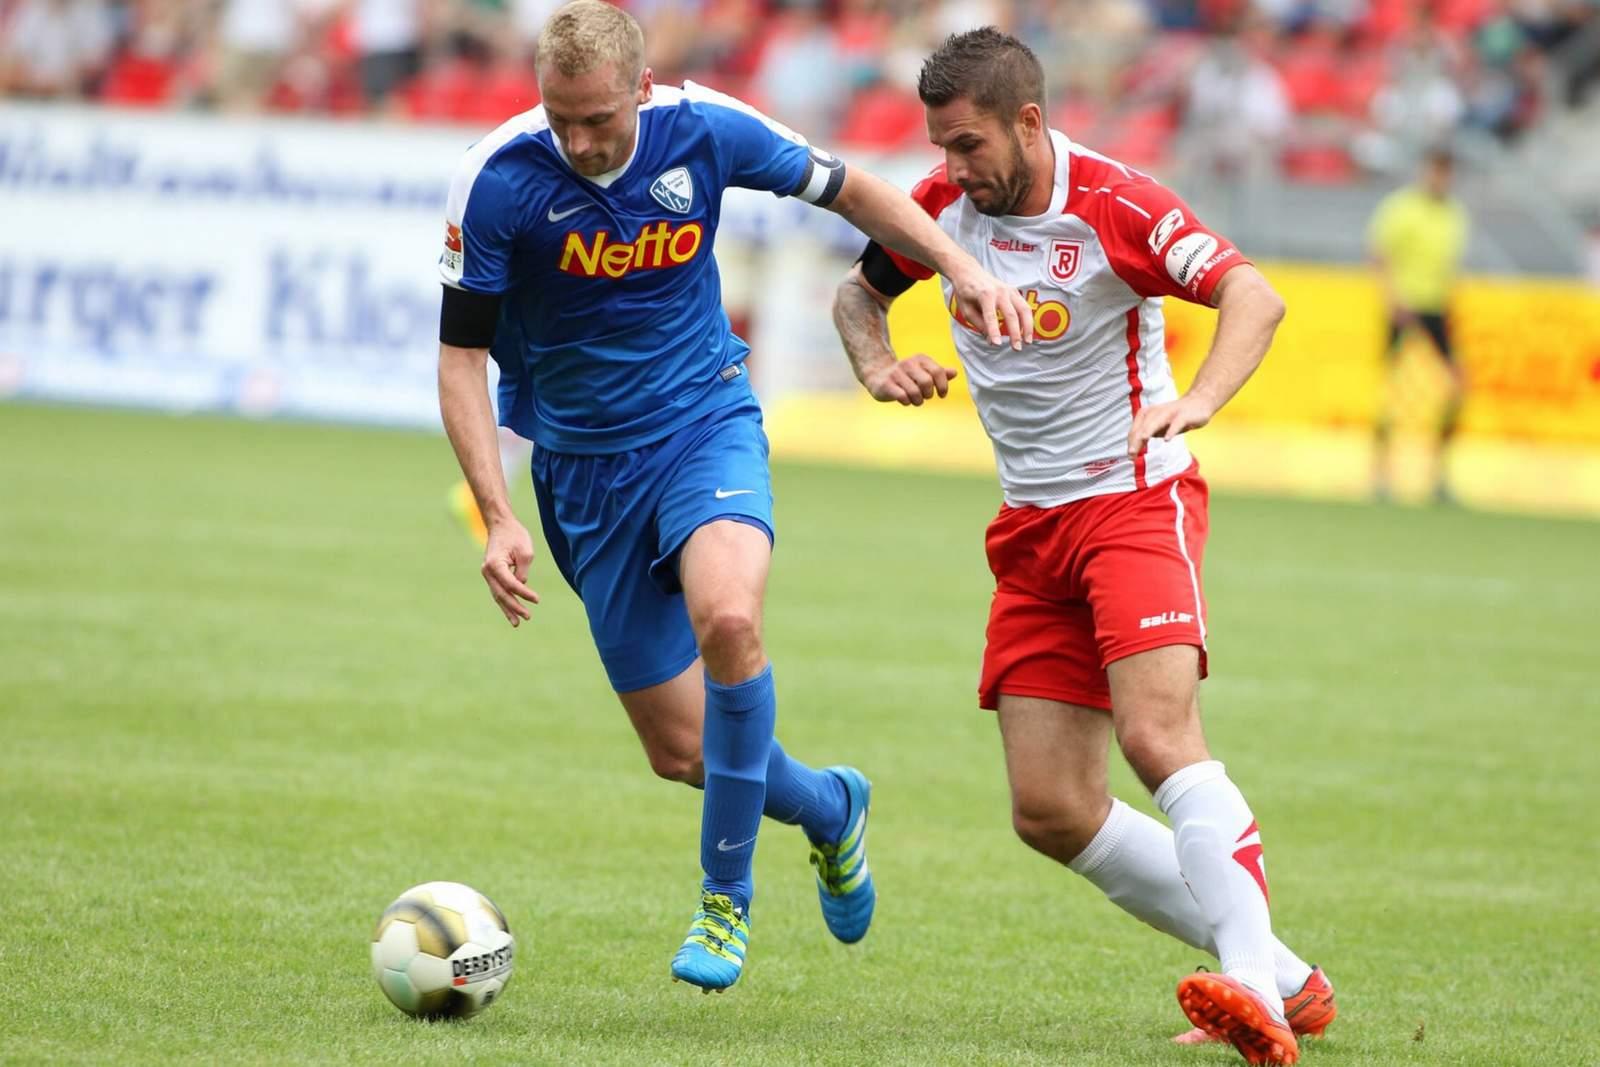 Setzt sich Bastians gegen Grüttner durch? Unser Tipp: Regensburg gewinnt nicht gegen Bochum